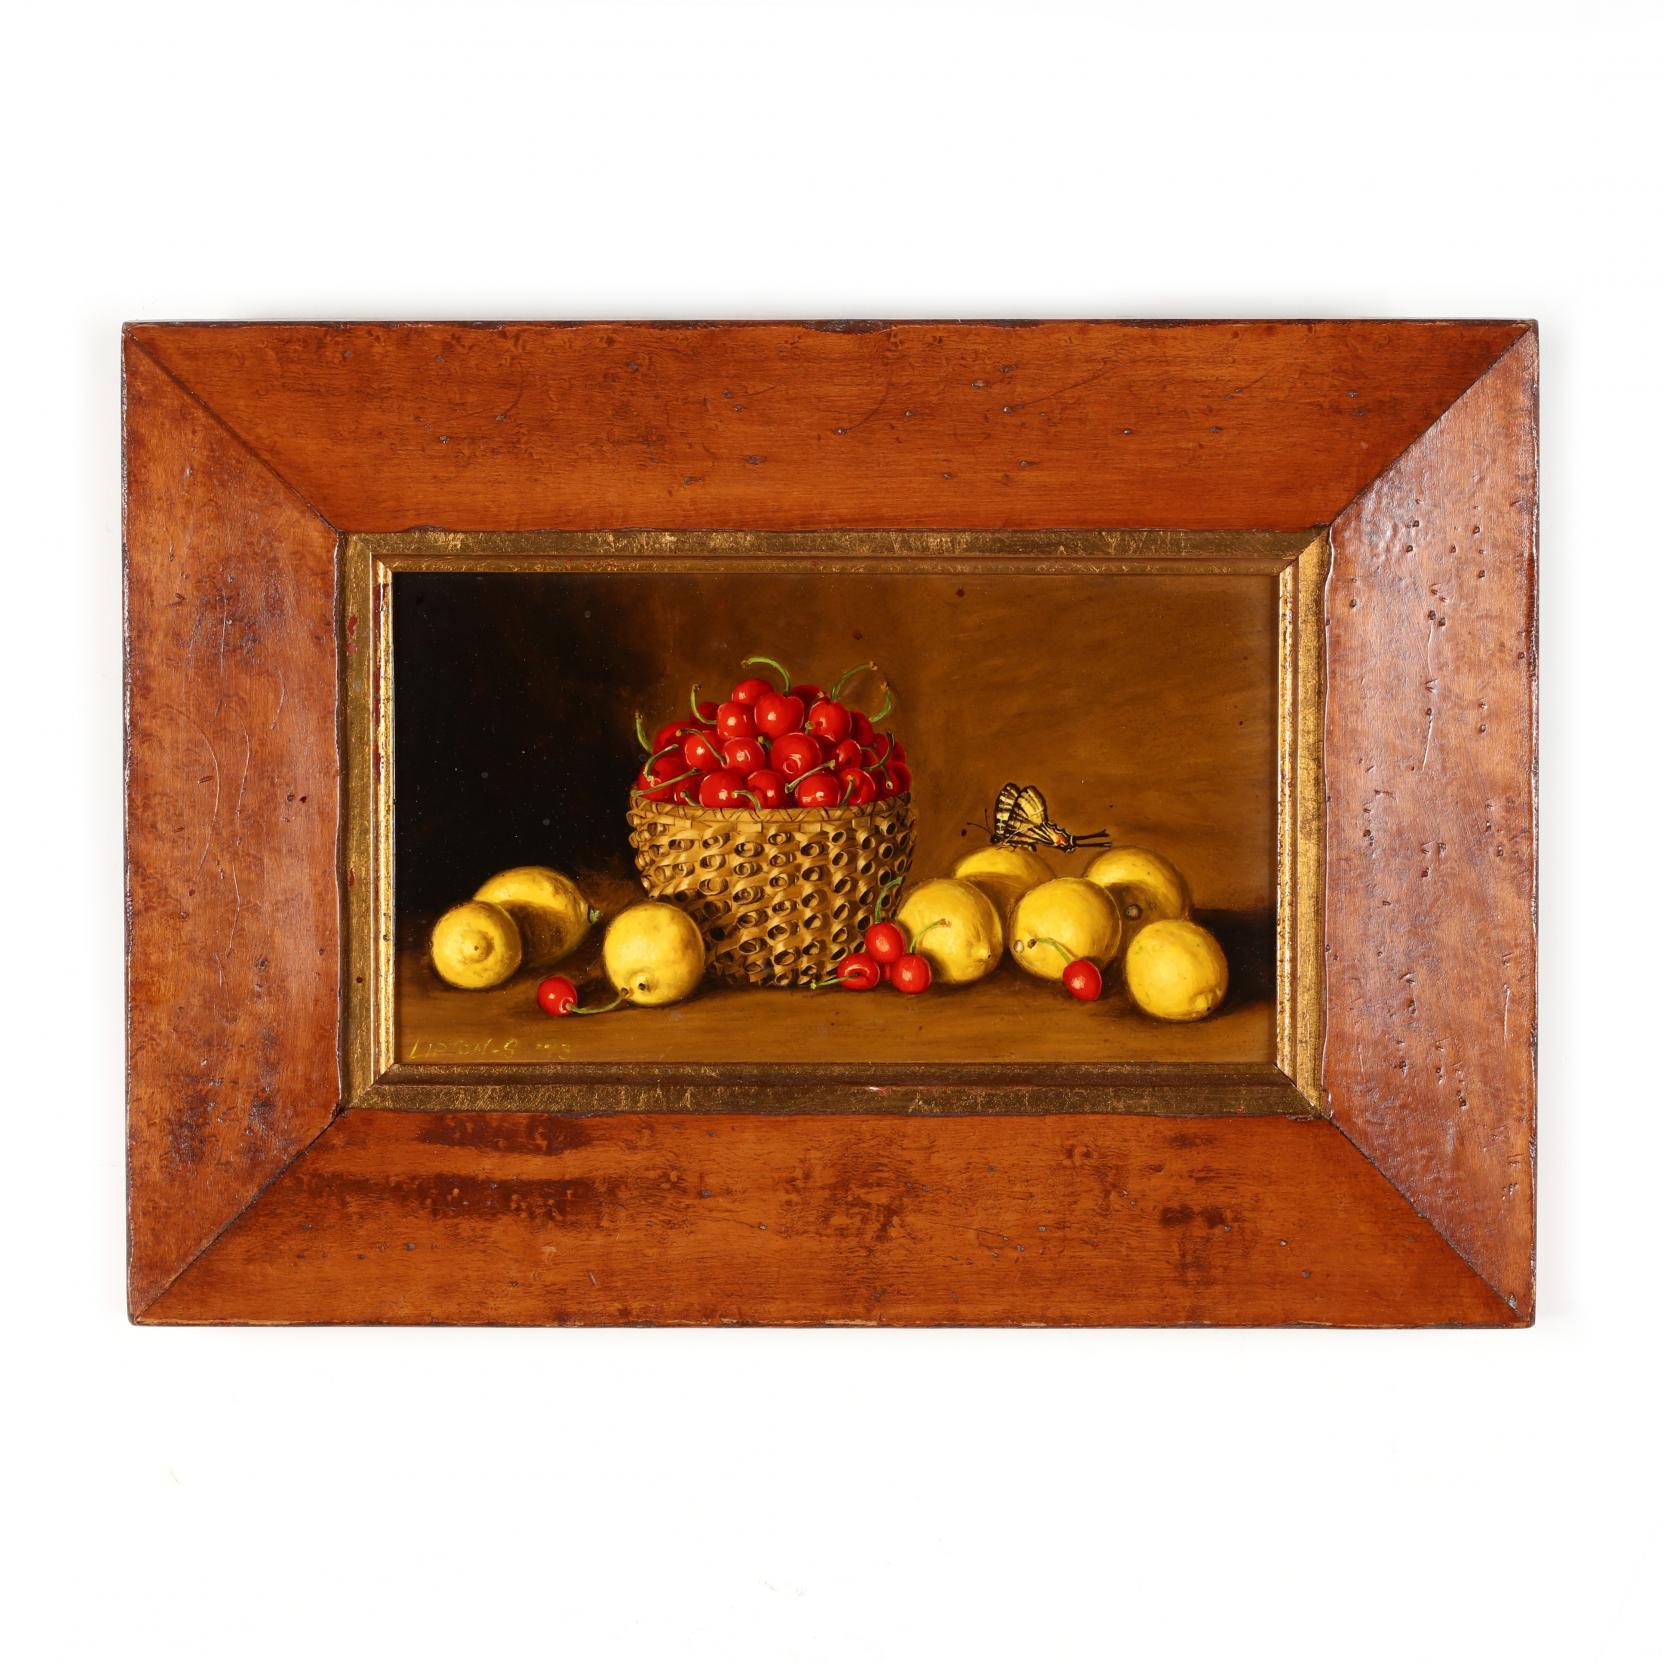 sondra-lipton-ny-still-life-with-cherries-lemons-butterfly